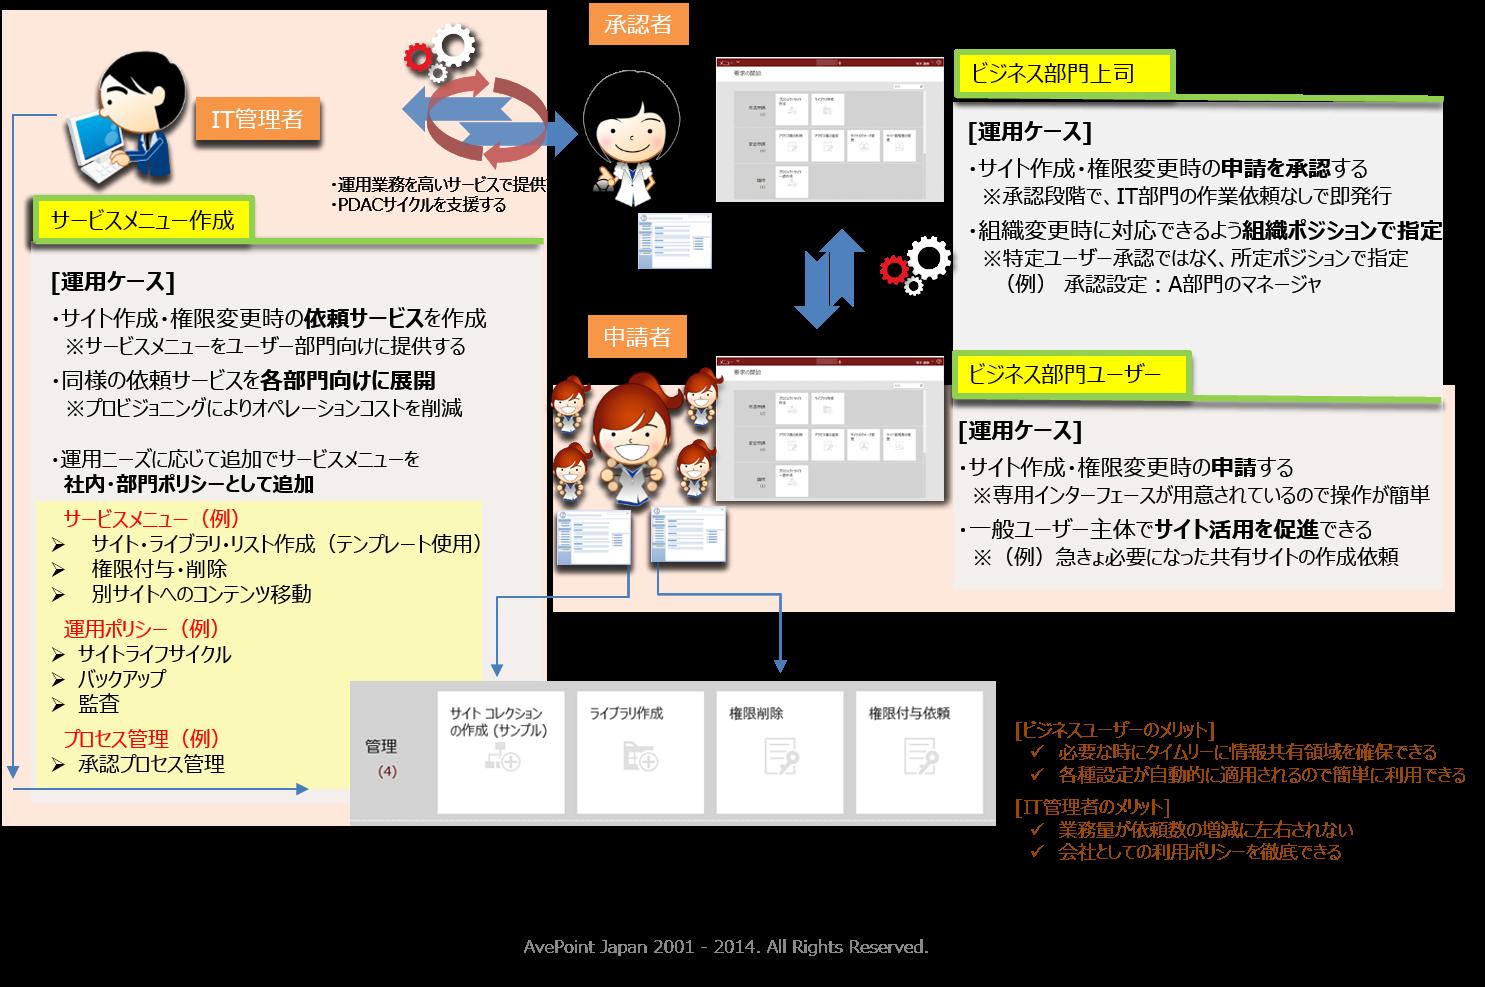 [図2 : SharePoint業務設計の実装概念(初期構築時やリリース後に発生するサイト追加や部署サイト等の追加作業を簡素化)]